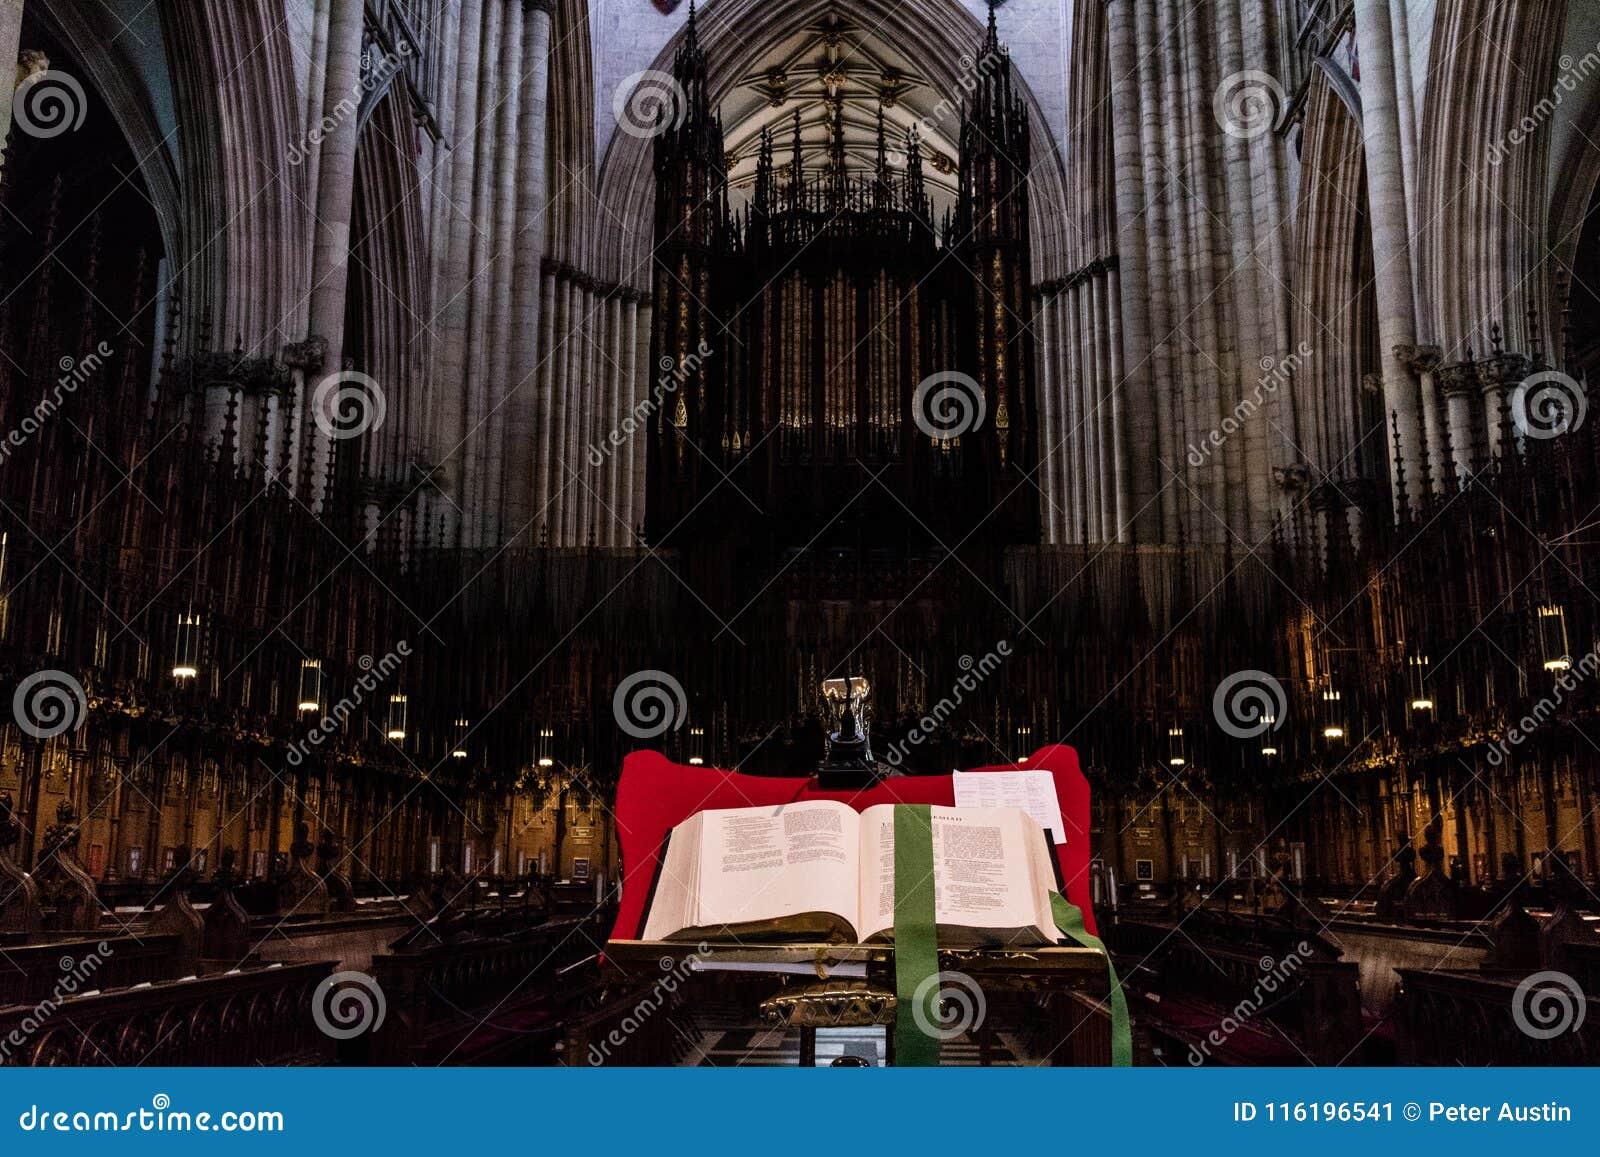 York, Royaume-Uni - 02/08/2018 : York Minster intérieur